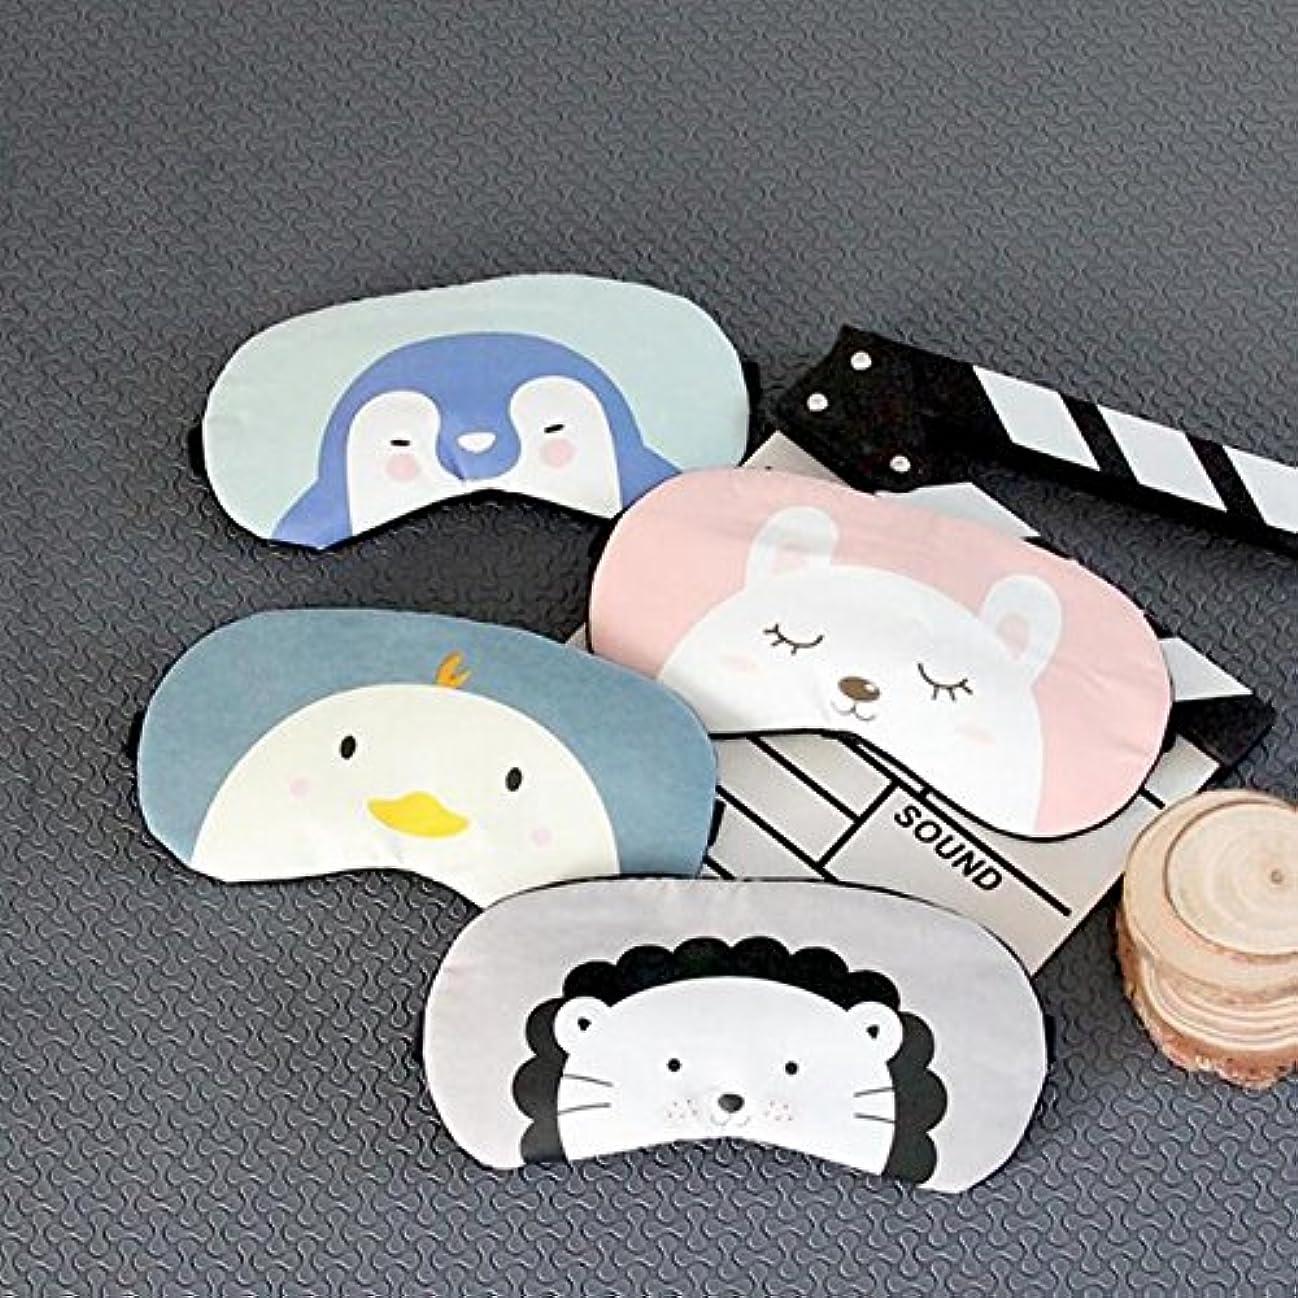 食物あらゆる種類のメロン1ピースアイシェード睡眠マスク休息旅行マッサージリラックスアイ睡眠補助目隠しカバーアイパッチ睡眠マスクかわいい漫画動物